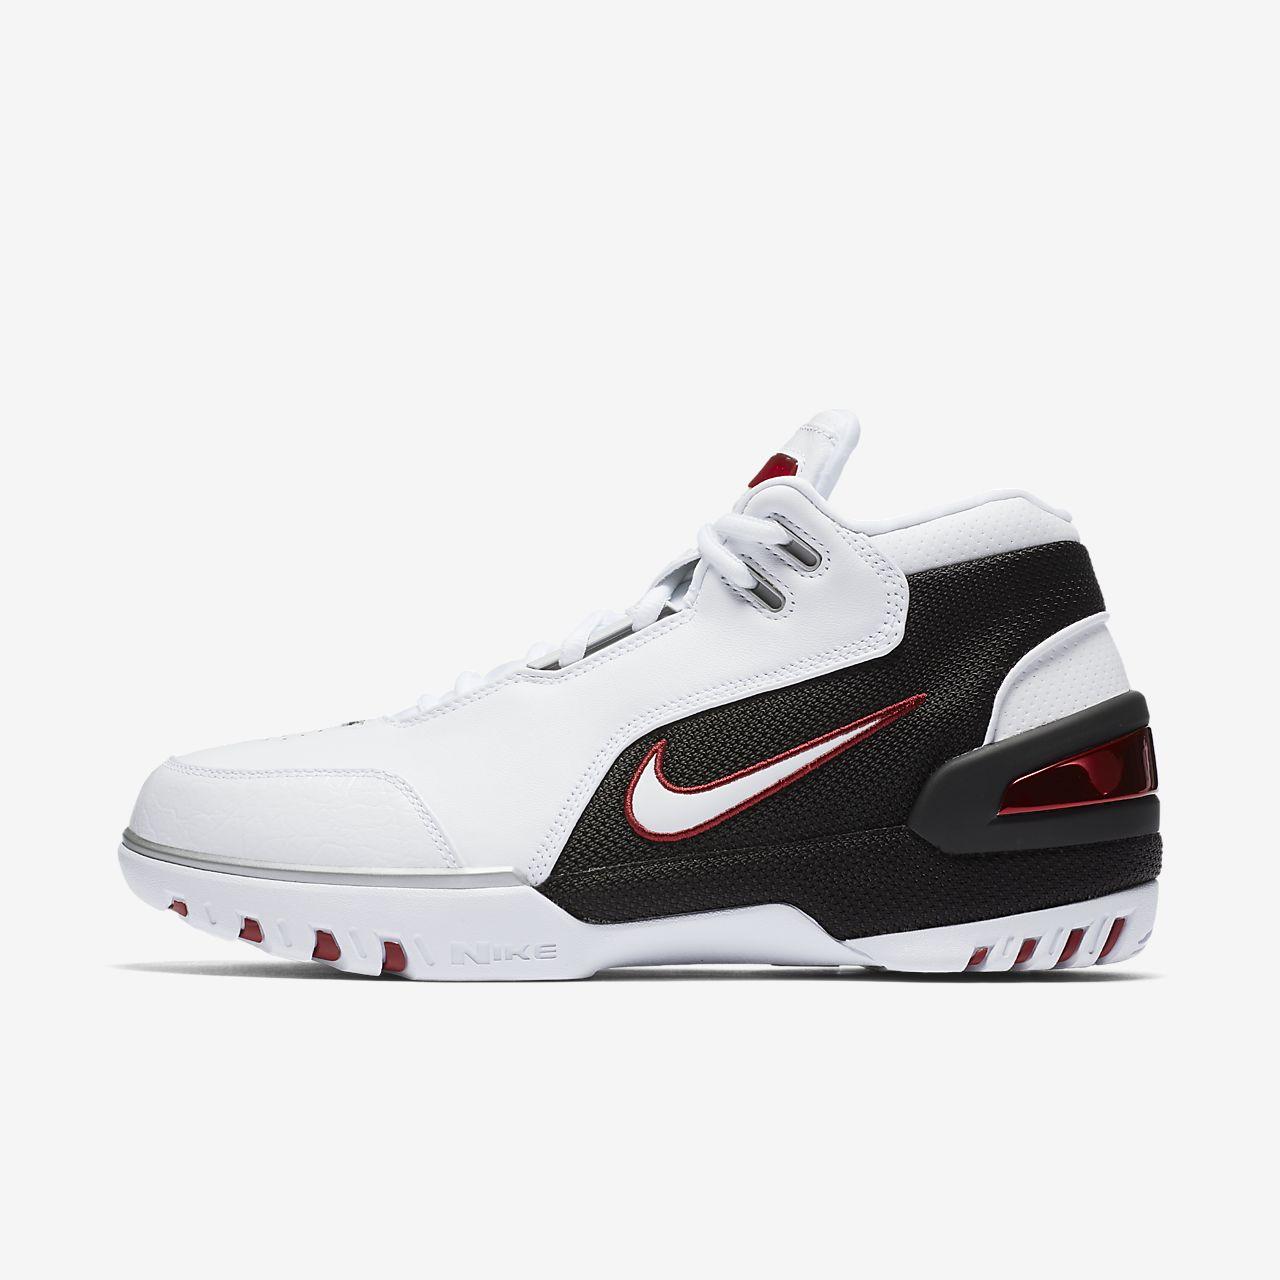 Мужские баскетбольные кроссовки Nike Air Zoom Generation QS. Nike.com RU 6fd8b2c2a59